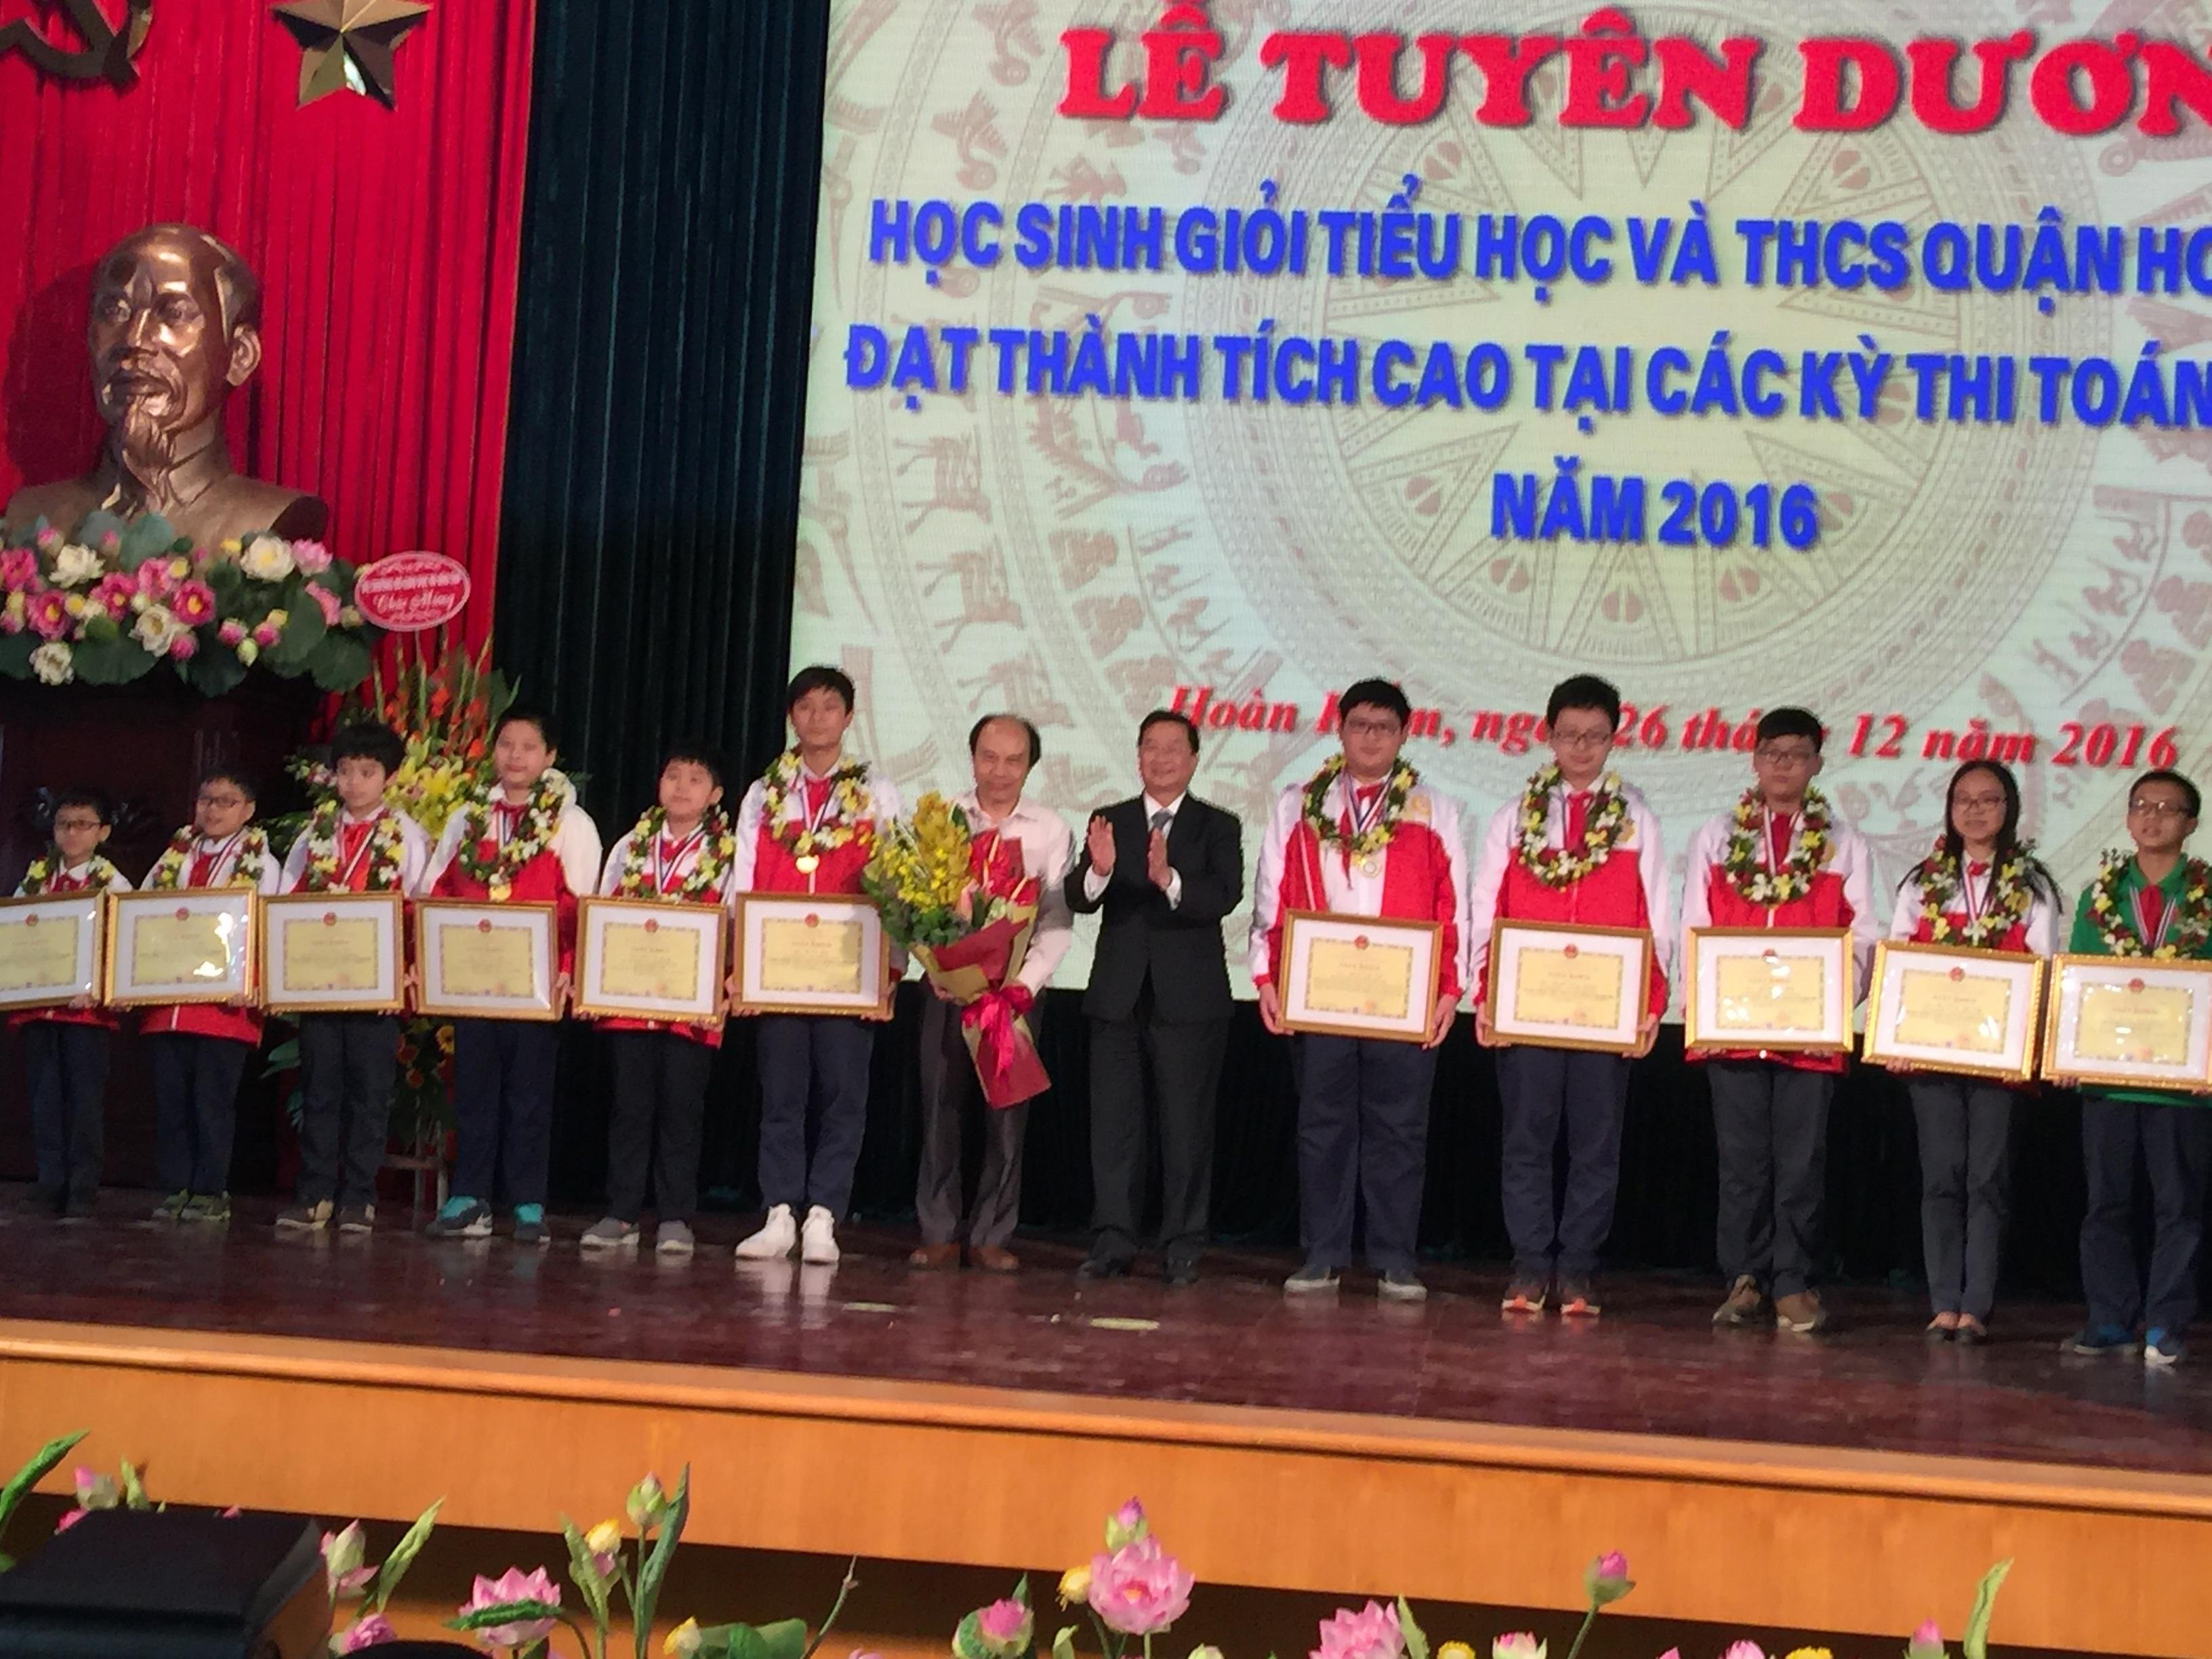 Các học sinh cùng lãnh đạo tại buổi lễ tuyên dương